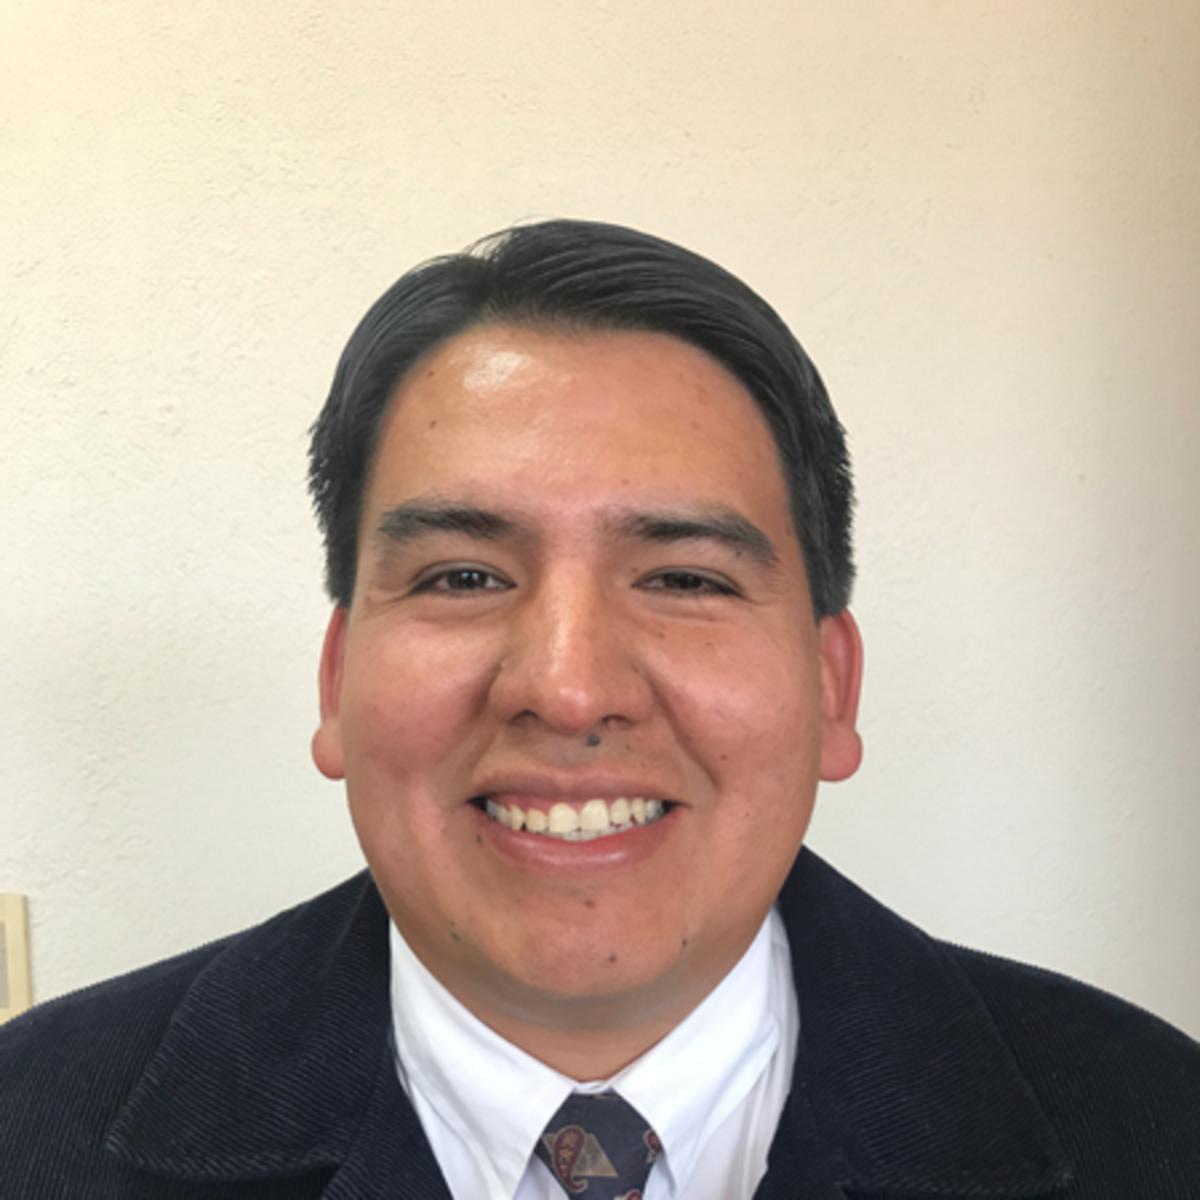 Presidente Jaime Oswaldo Diez Salinas de la estaca Viru Viru, Santa Cruz, Bolivia